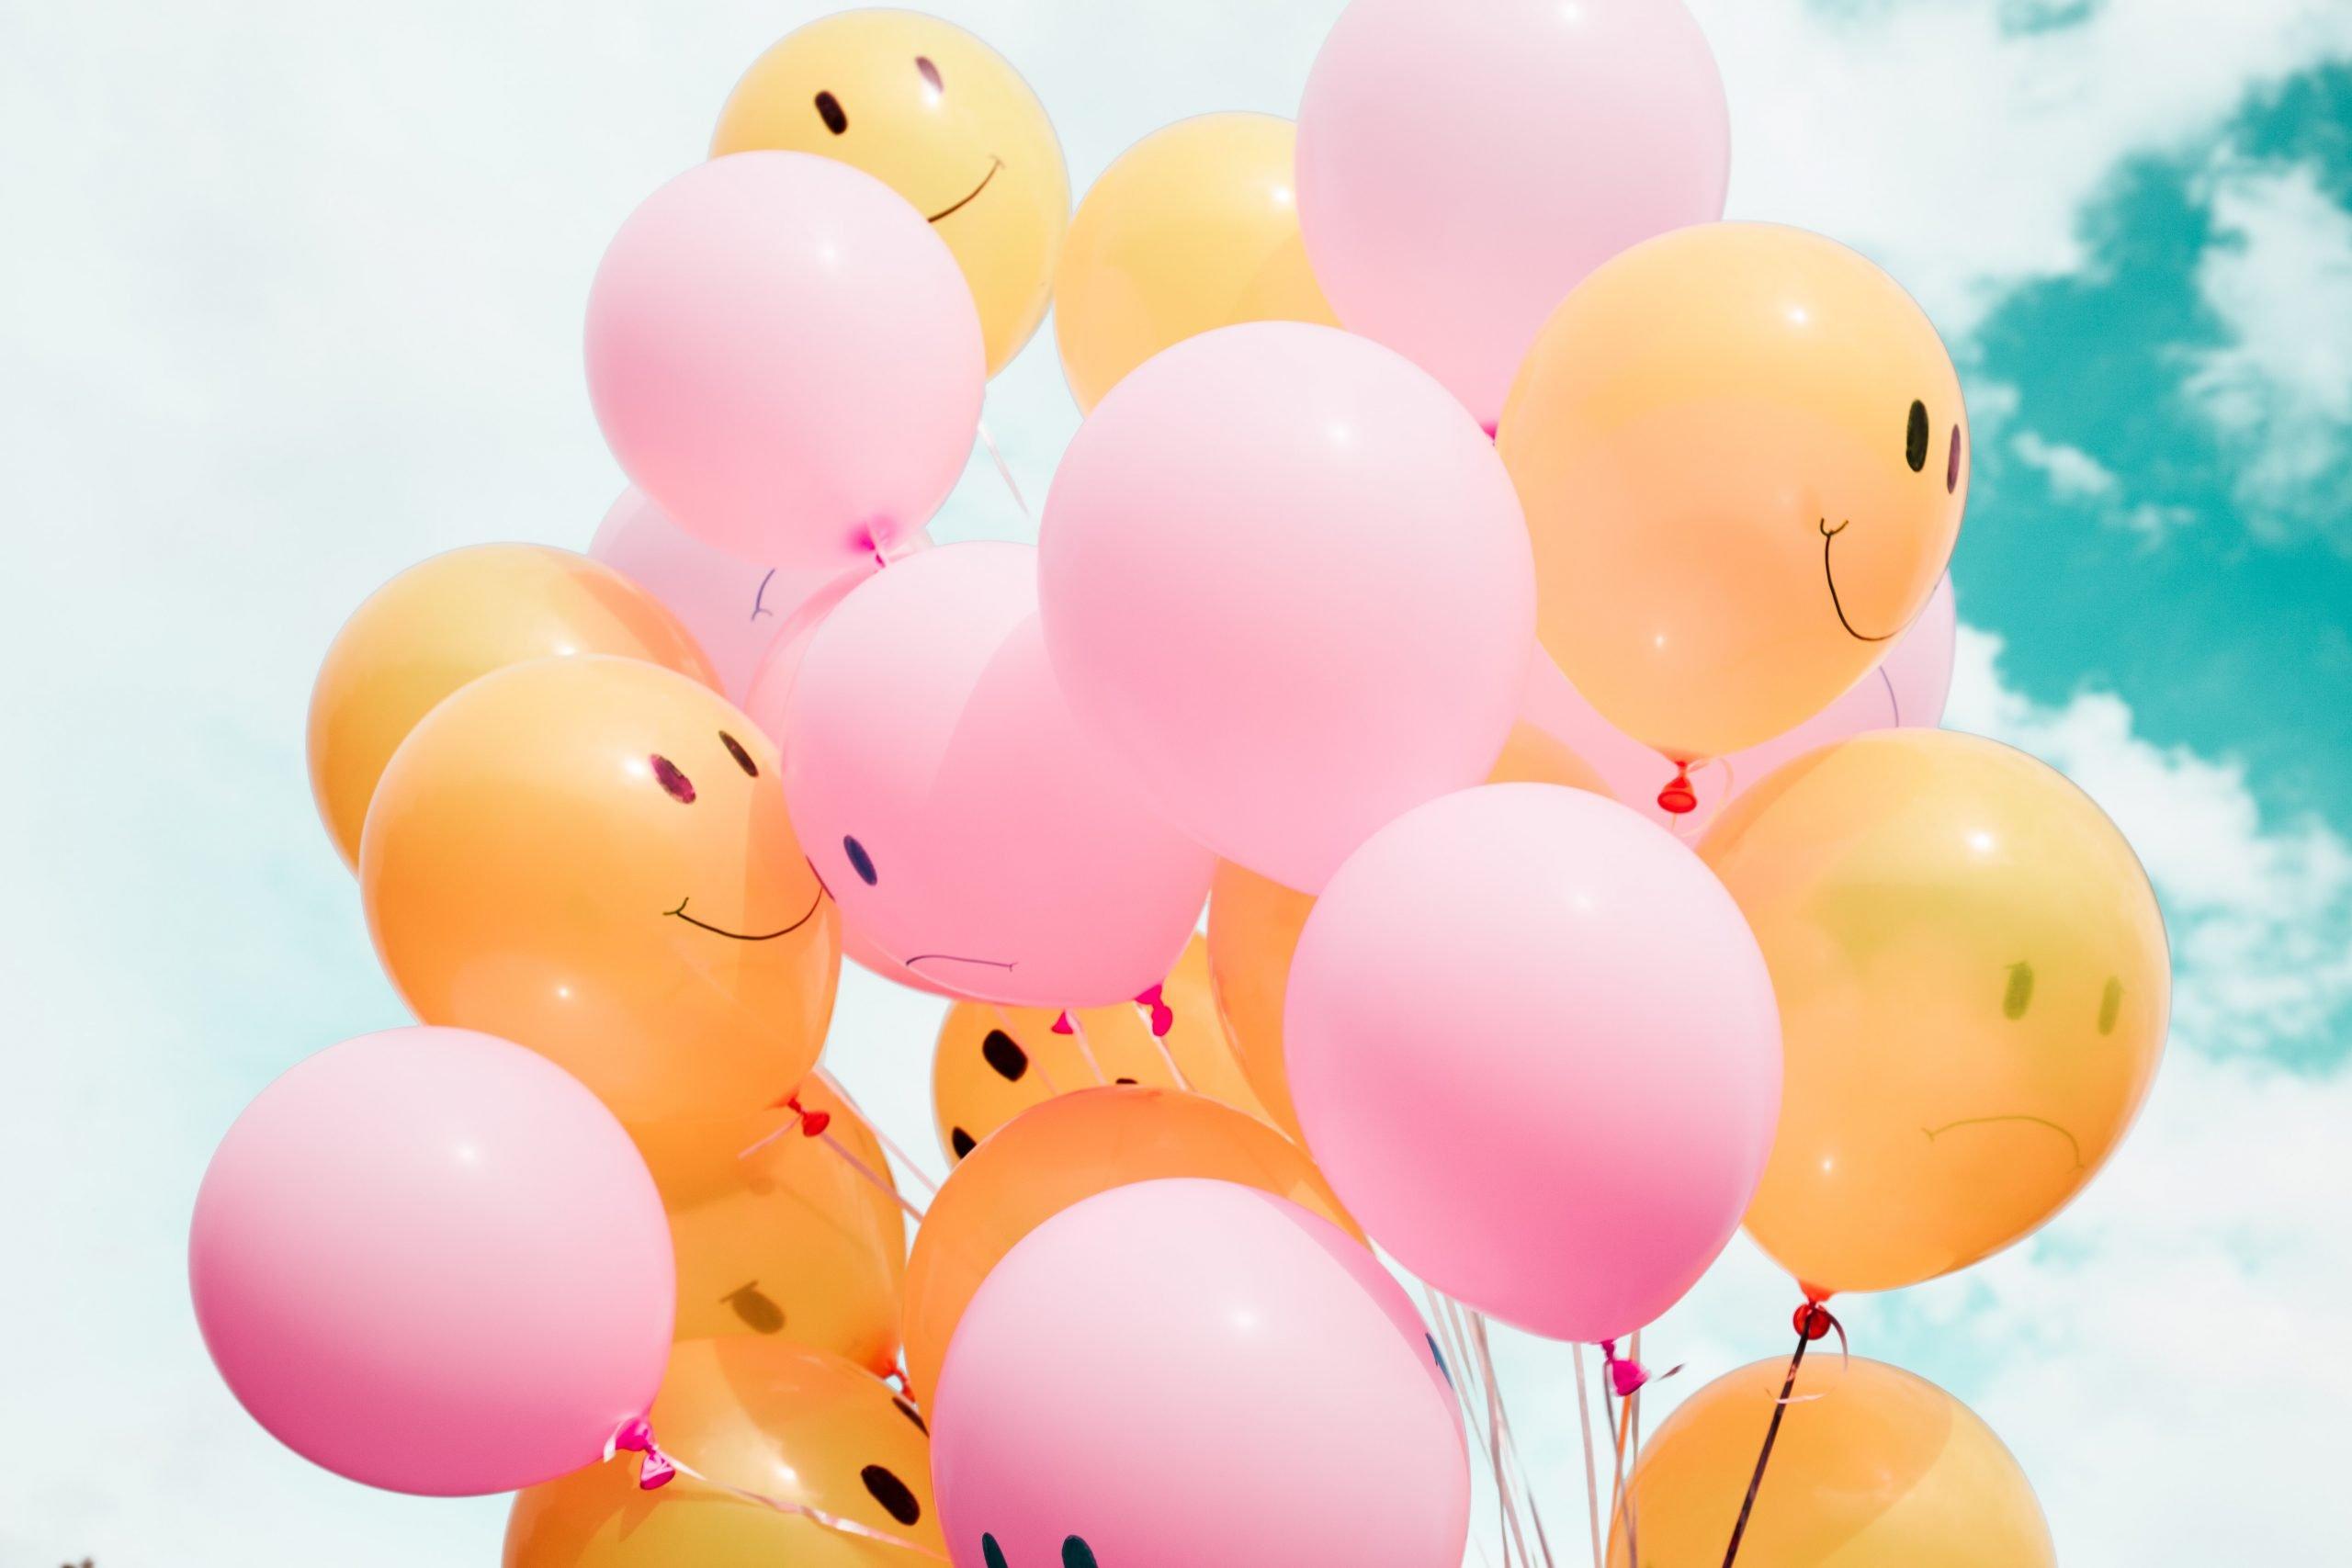 glovos de color rosa y naranja con sonrisas